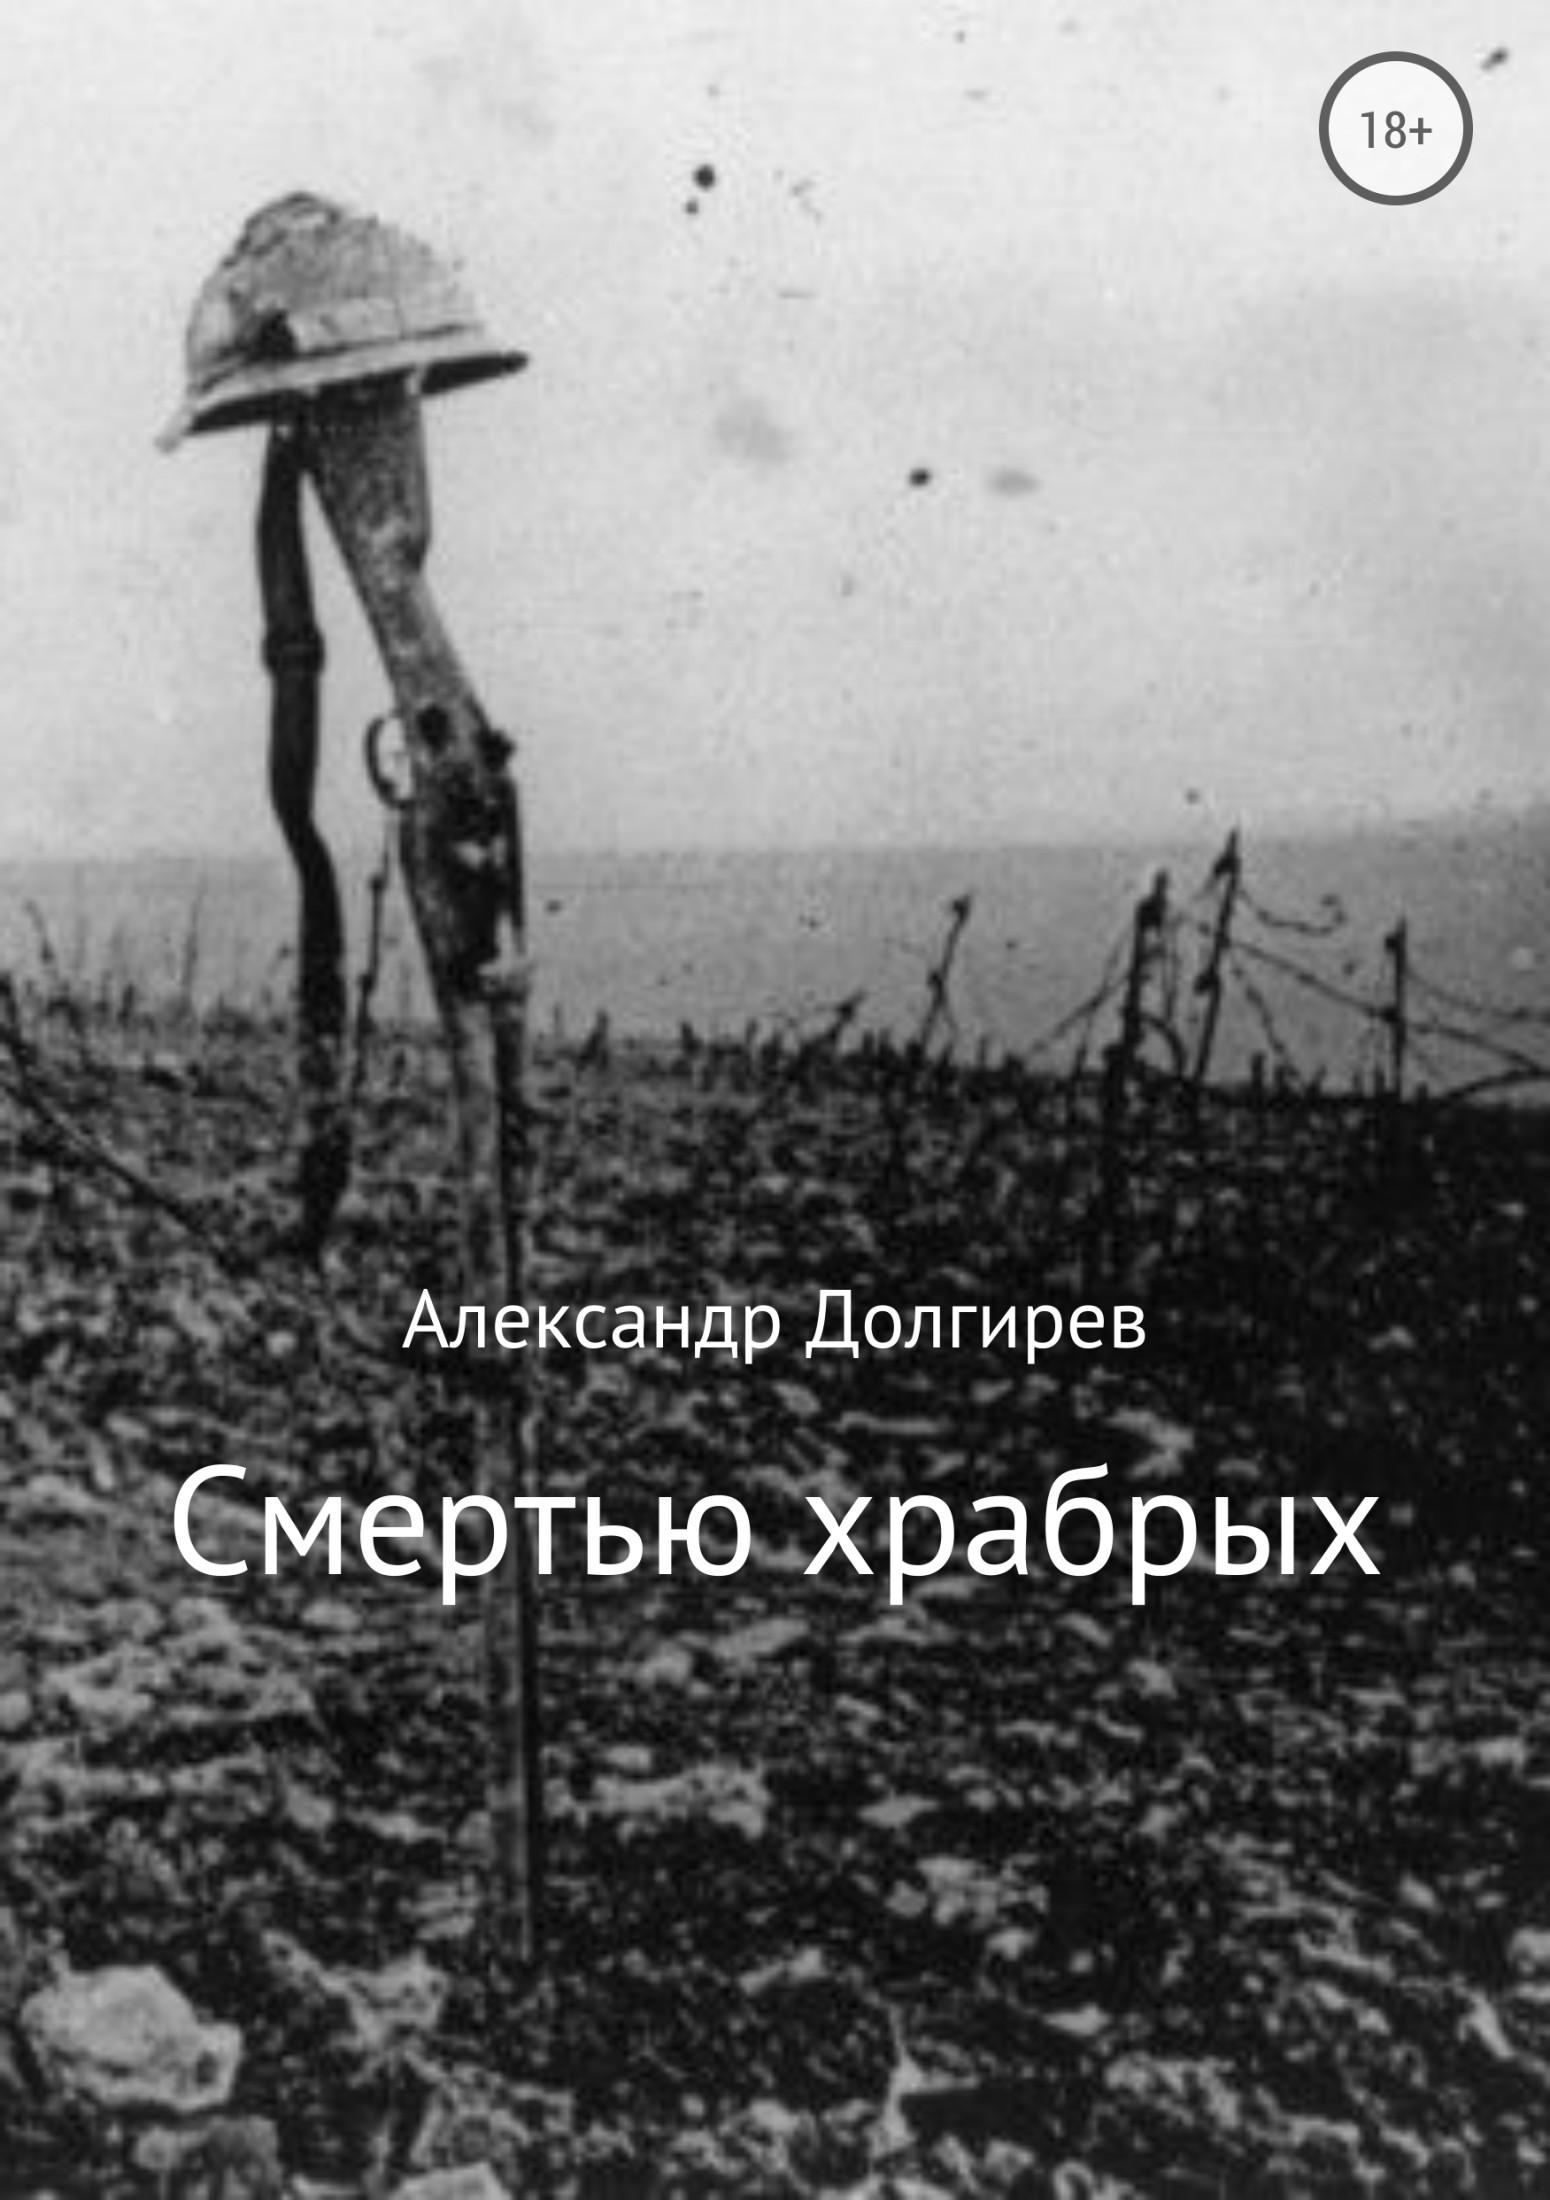 Смертью храбрых